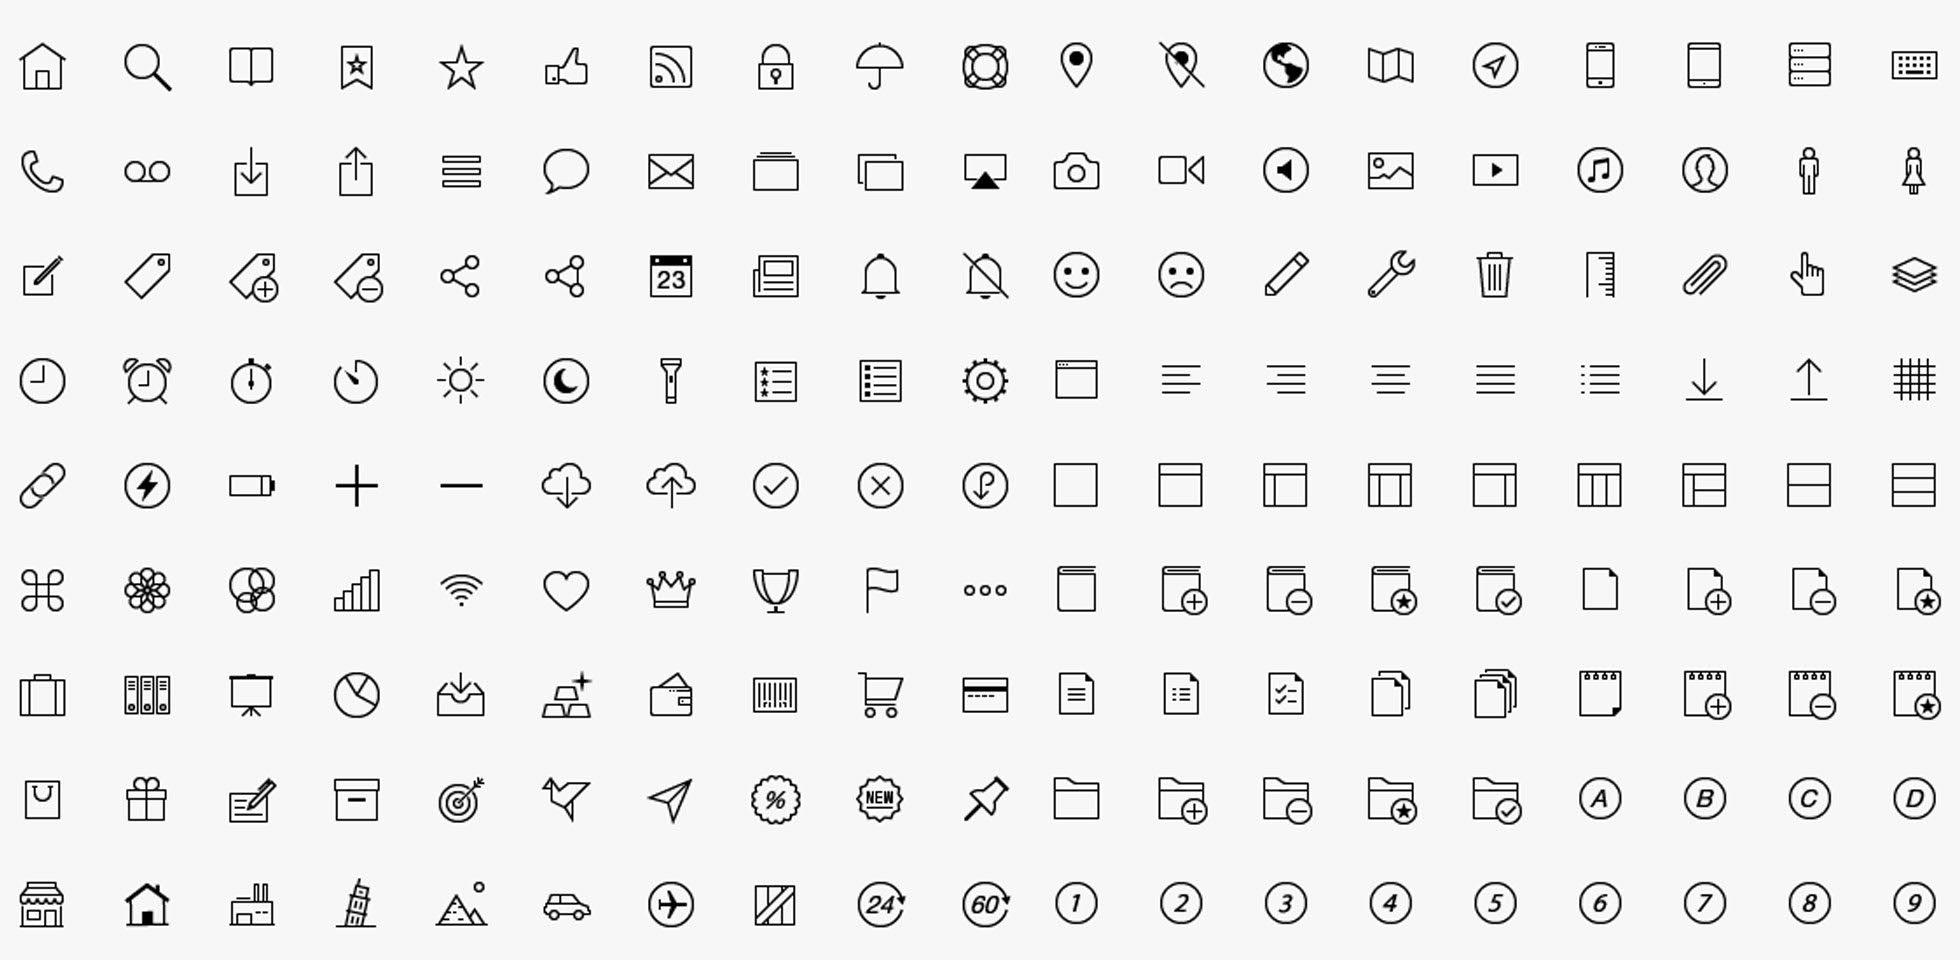 Free Download: 300 iOS Tab Bar Icons